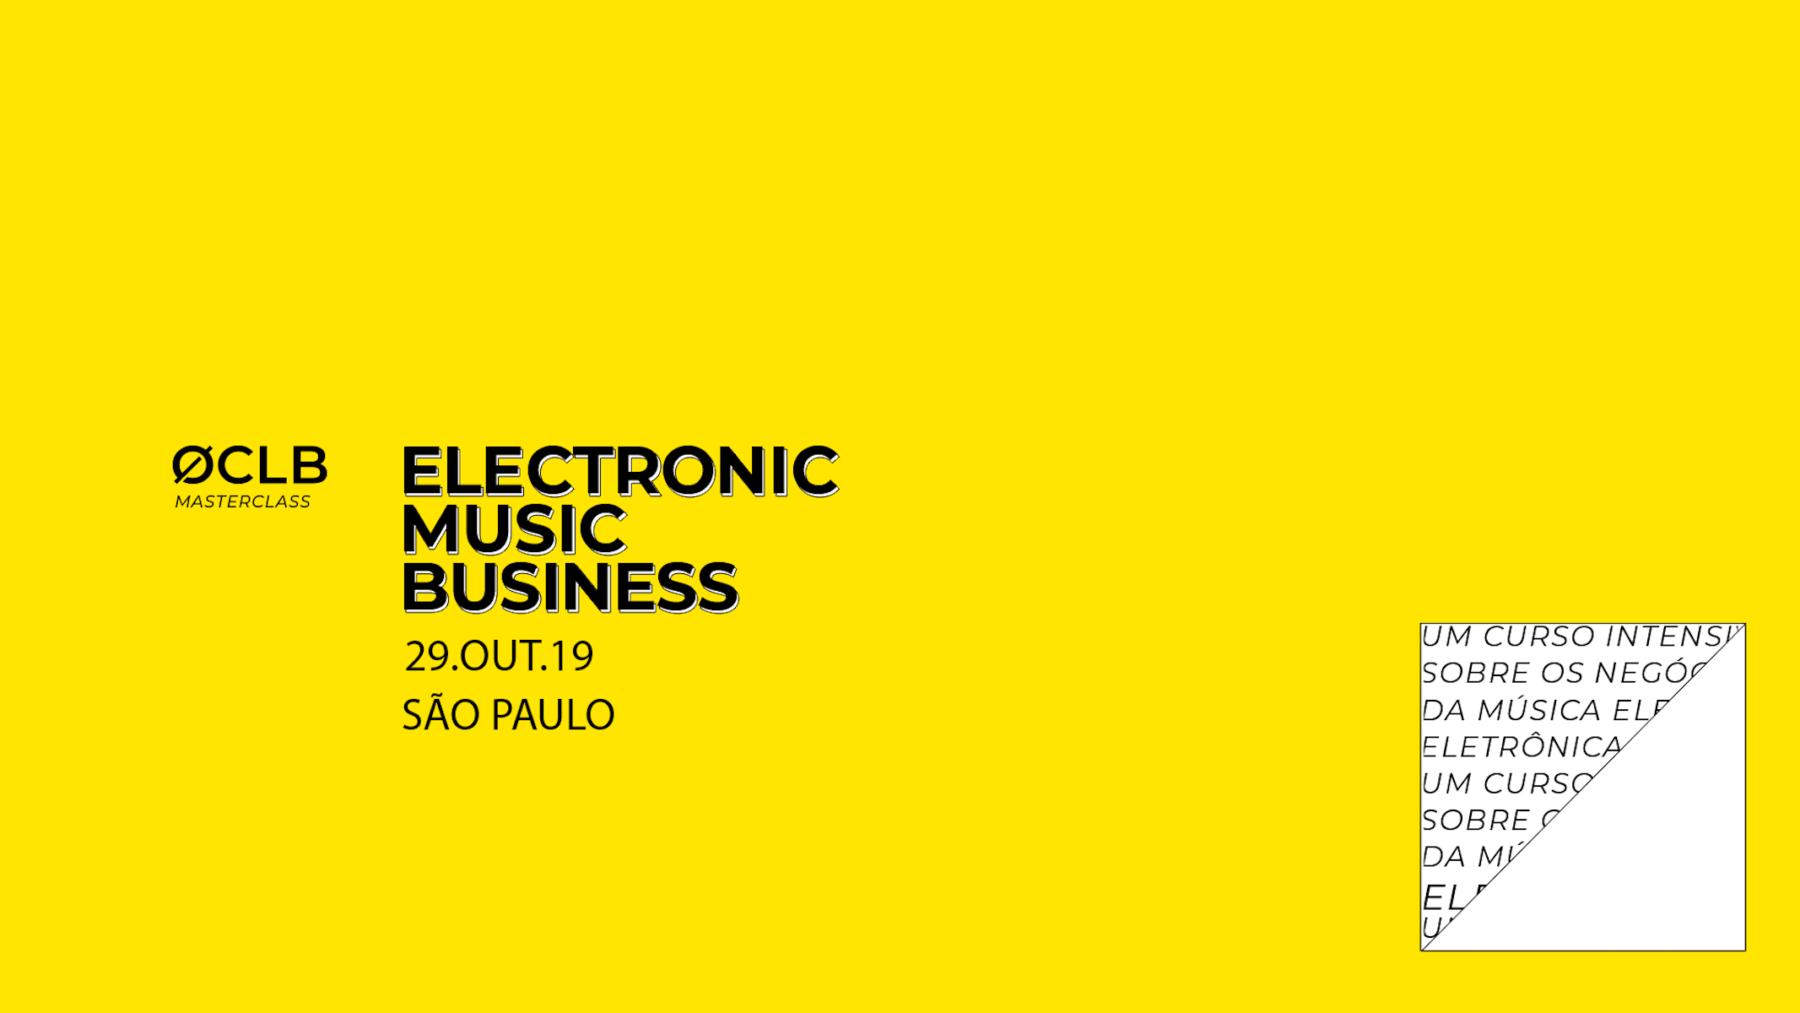 Conheça nosso novo curso: ØCLB Masterclass – Electronic Music Business